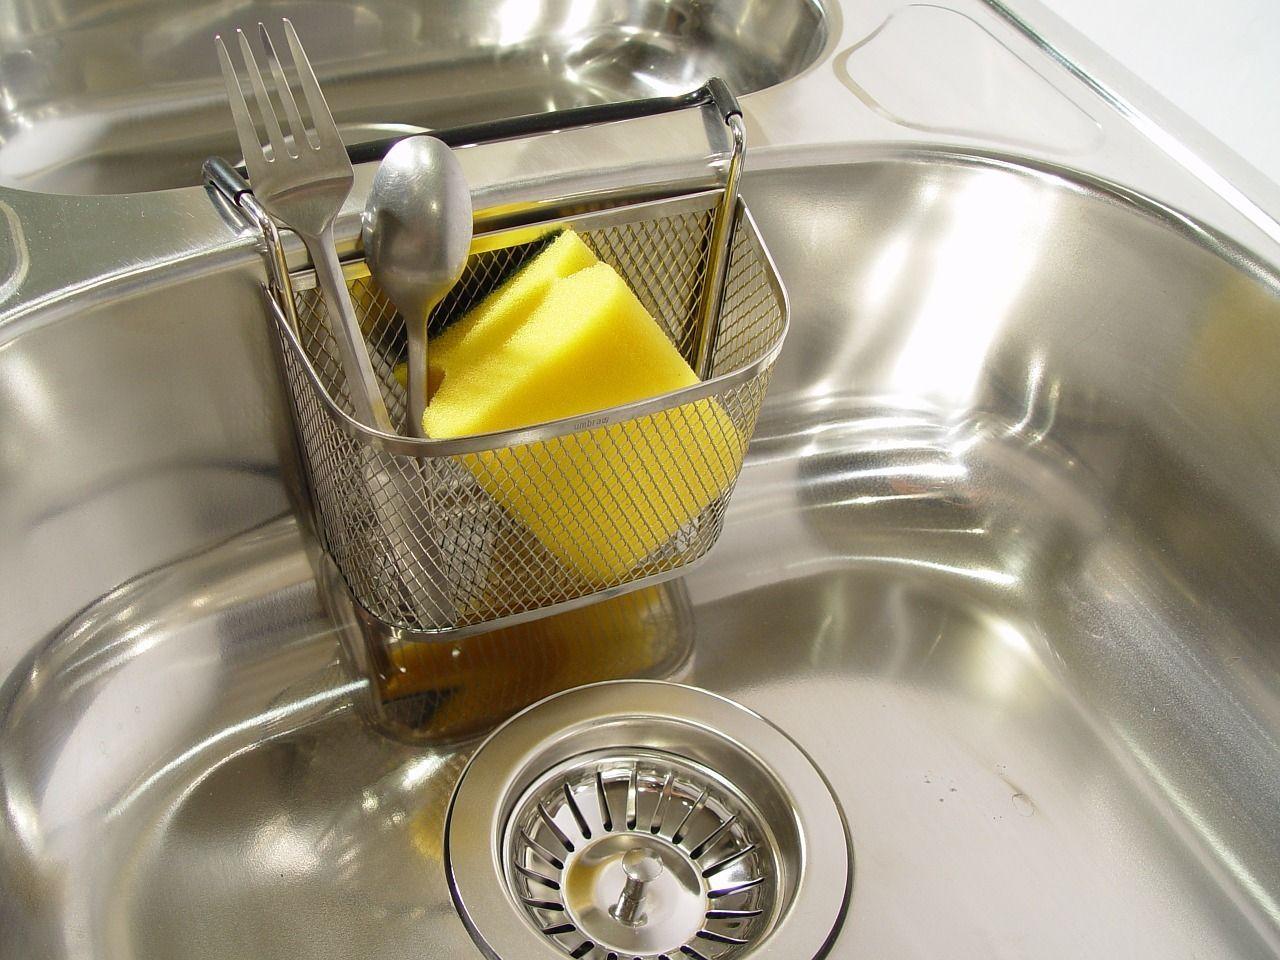 Abfluss Stinkt Diese Hausmittel Helfen In Kuche Und Bad Selbstgemachte Reinigungstucher Backofen Reinigen Hausmittel Hausmittel